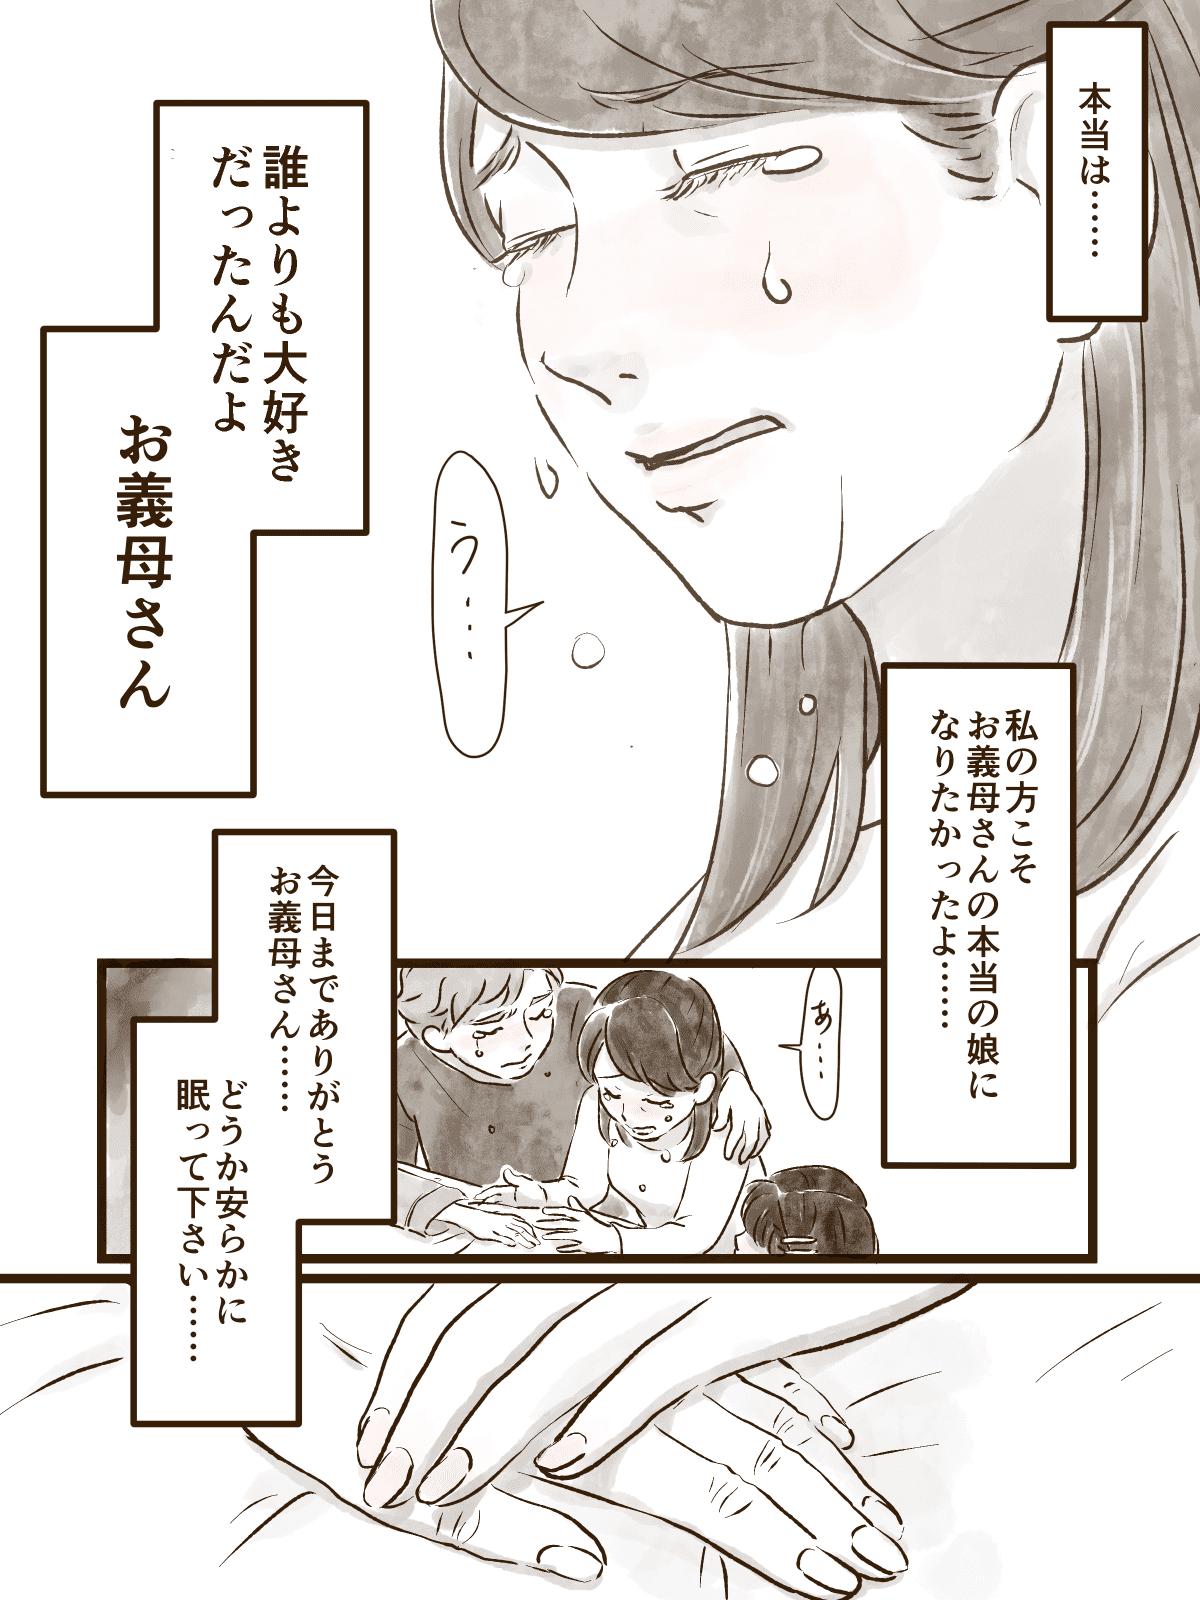 【後編】嫁姑の絆。明るくてお節介で空気の読めない姑!